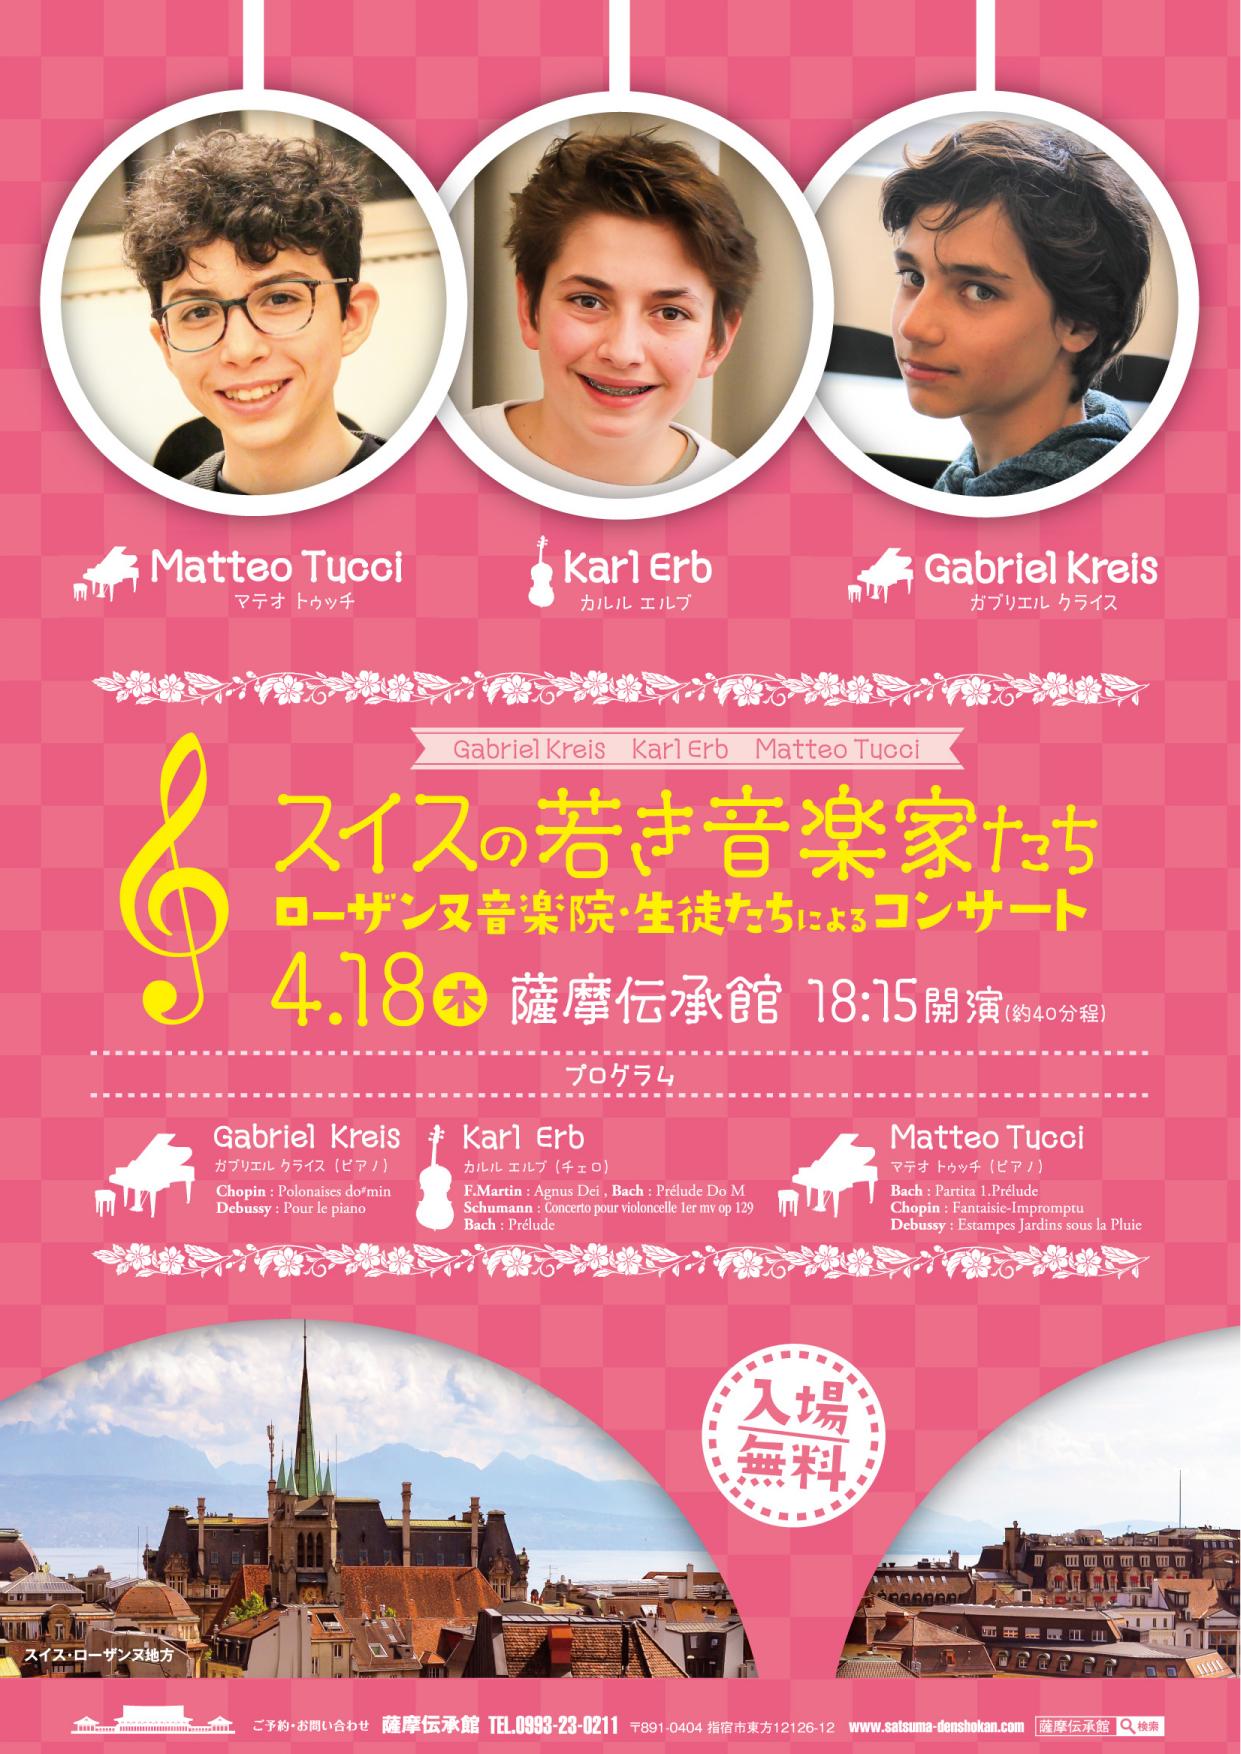 スイスの若き音楽家たちローザンヌ音楽院生徒たちによるコンサート